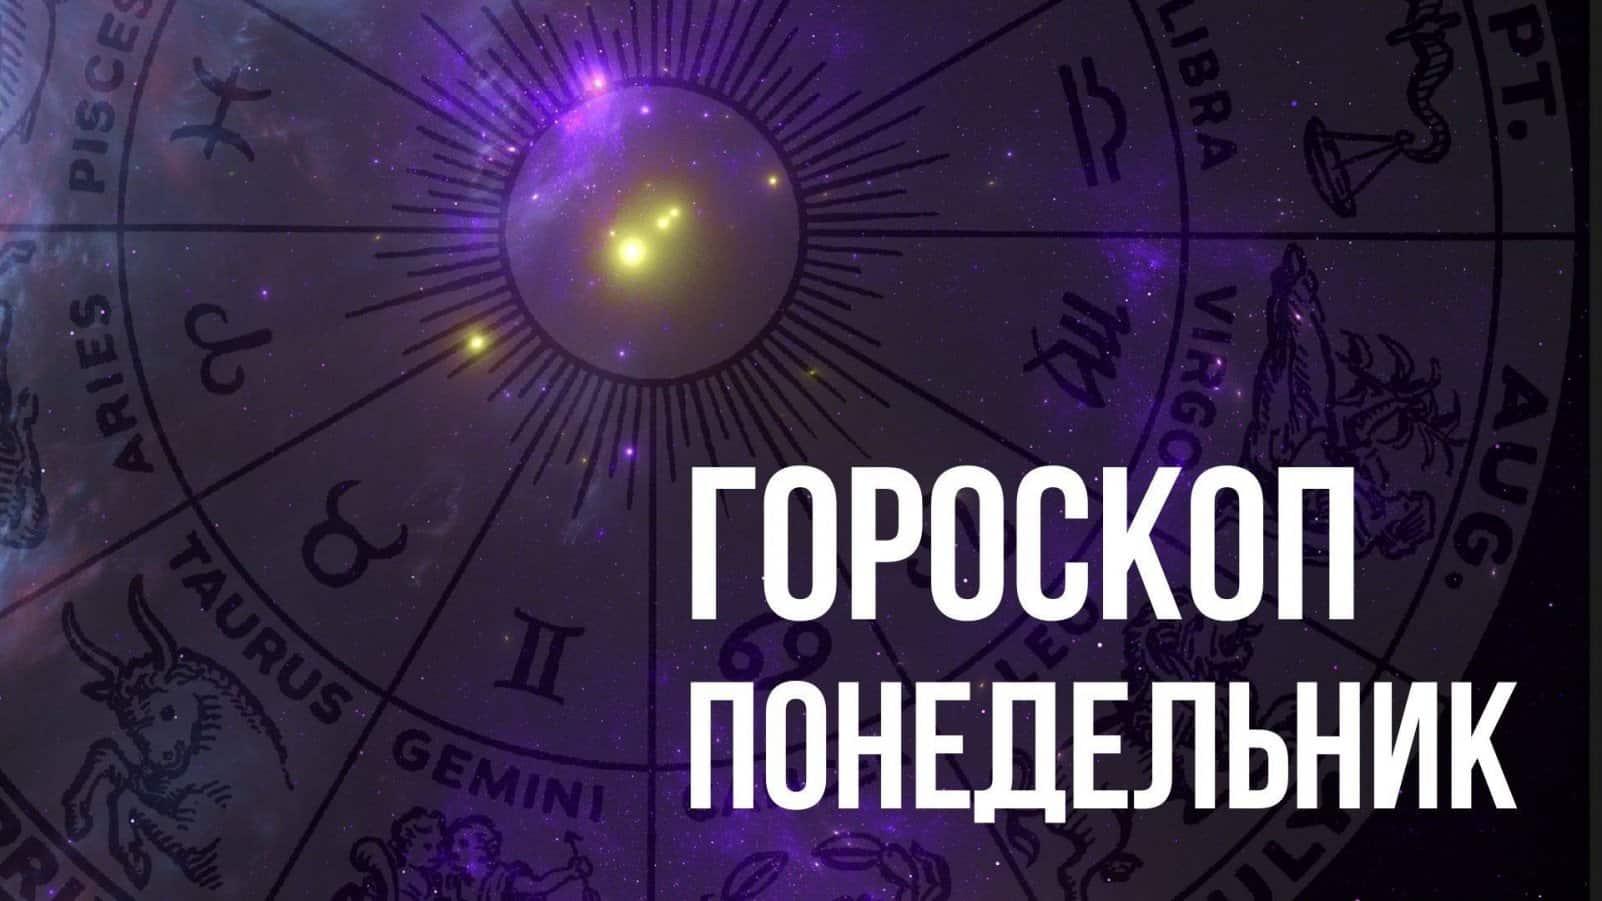 Гороскоп на понедельник 31 мая для каждого знака Зодиака